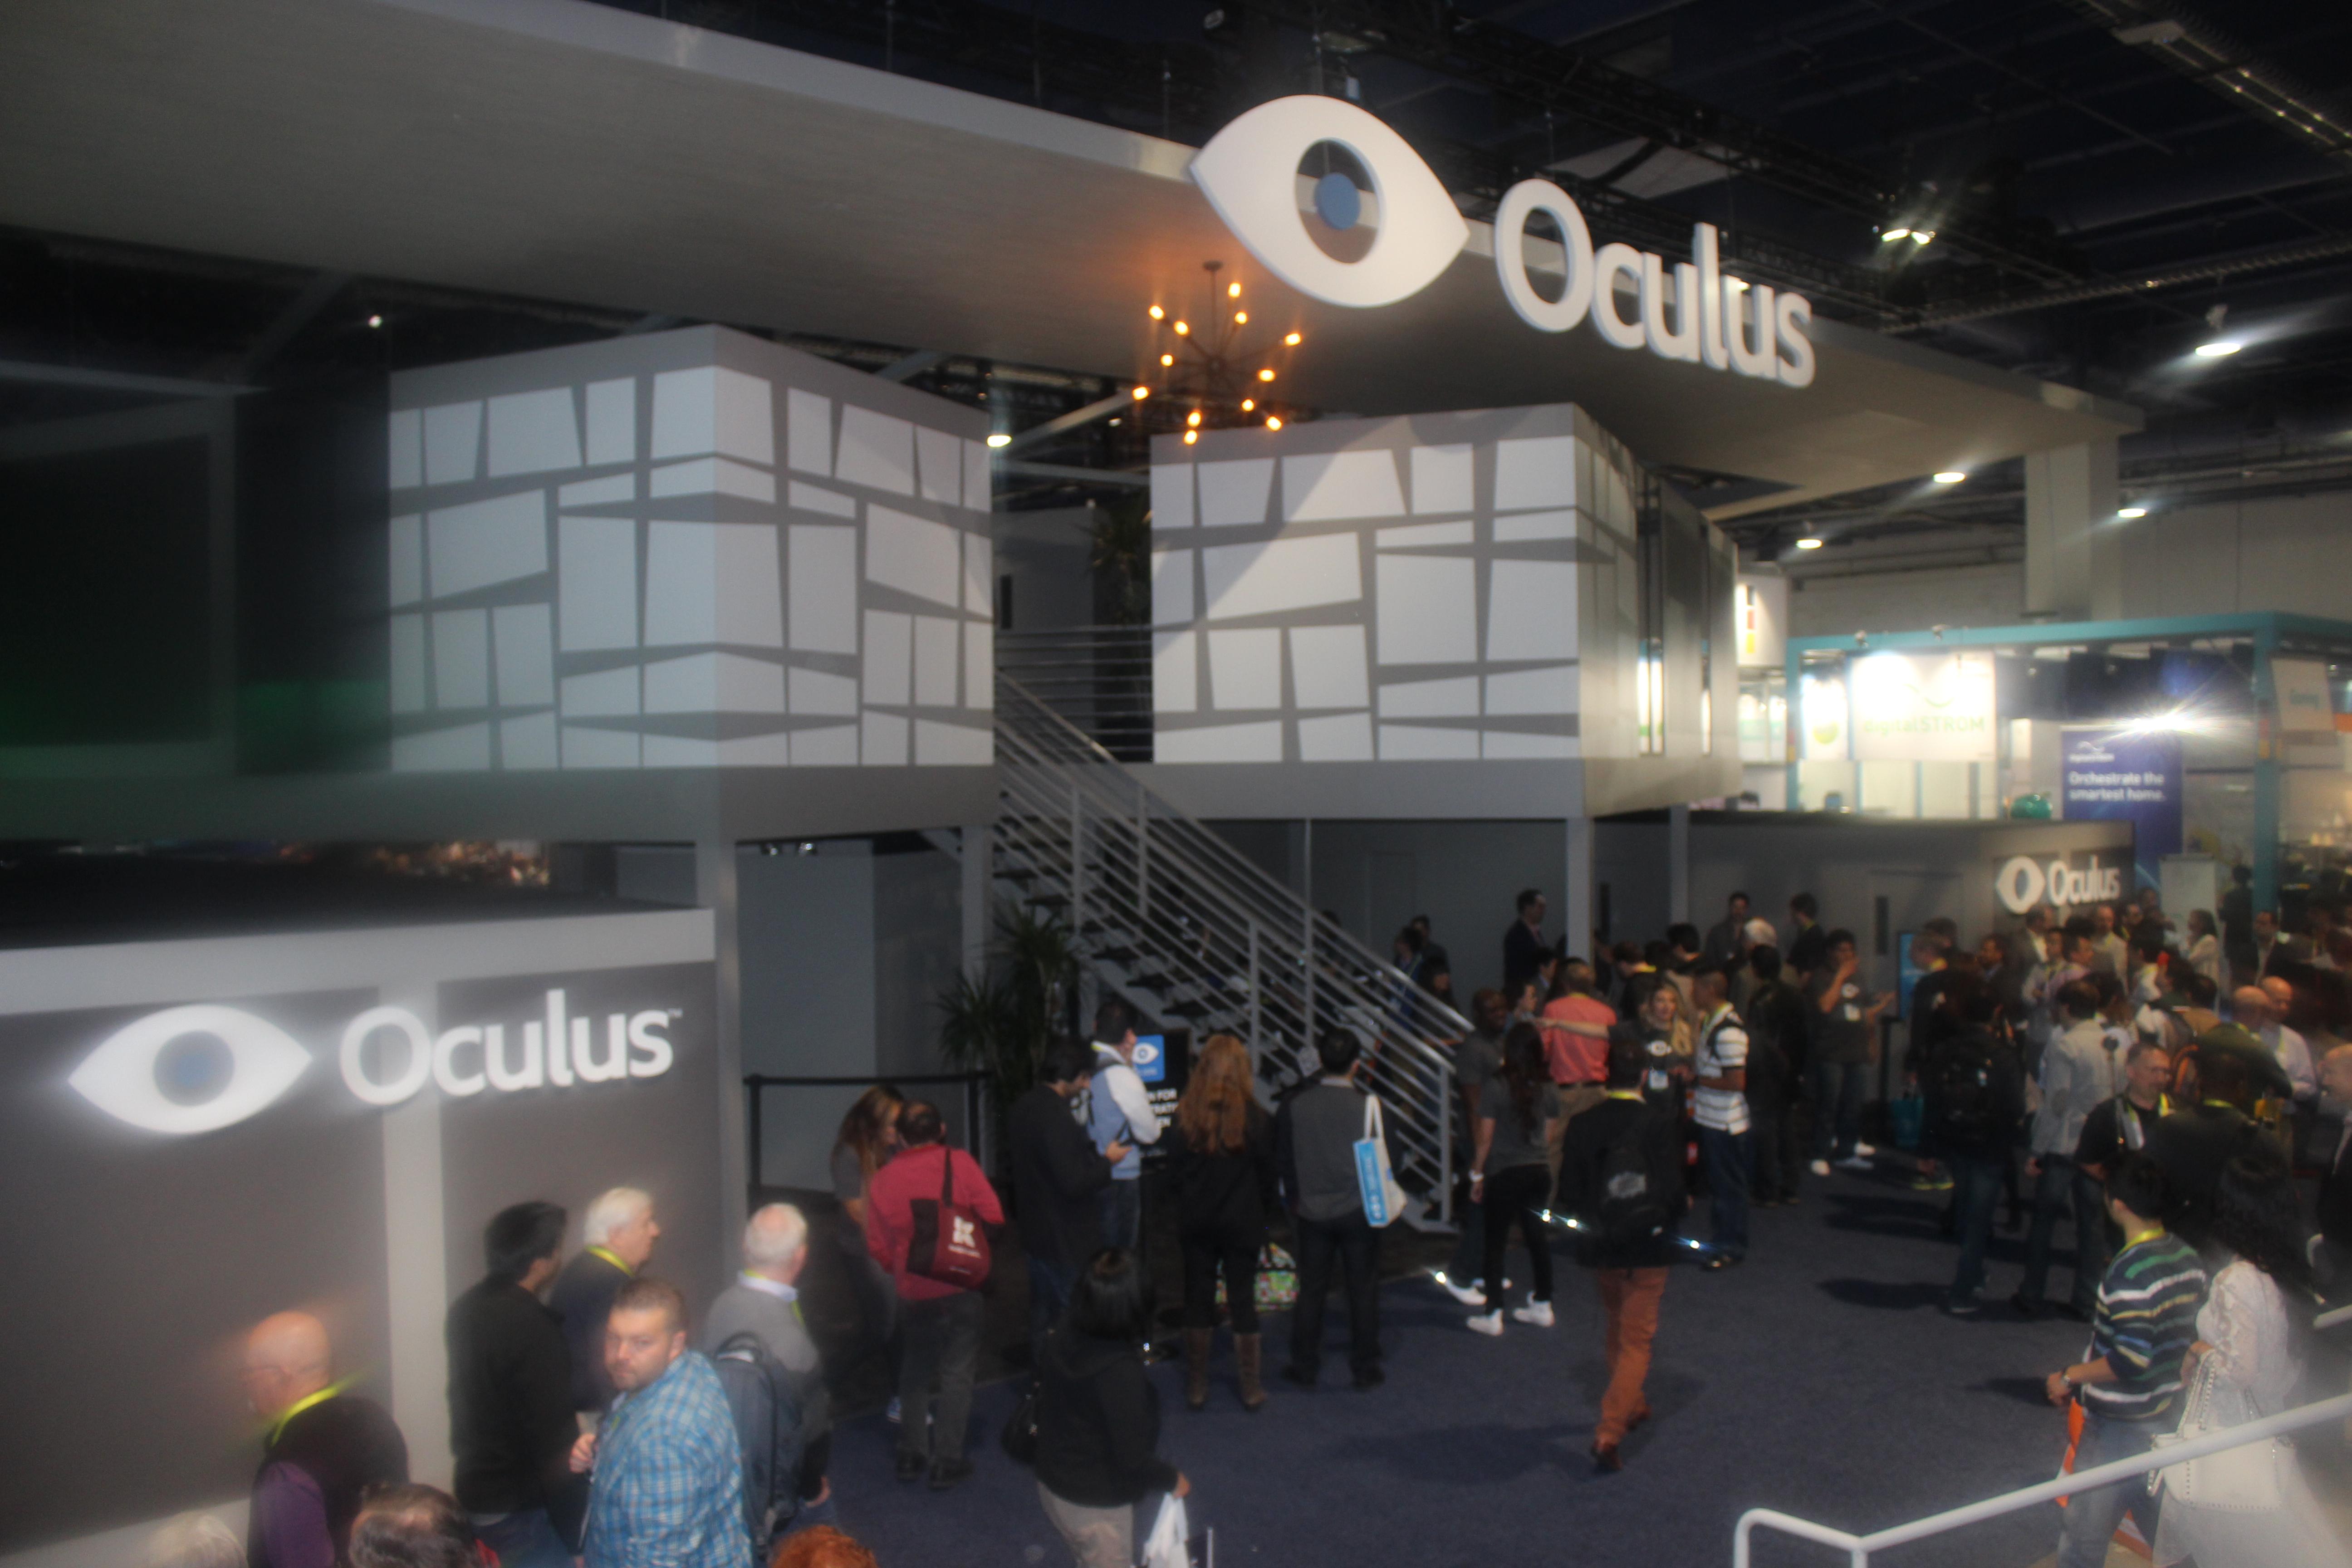 Oculus VR стенд на выставке CES 2015